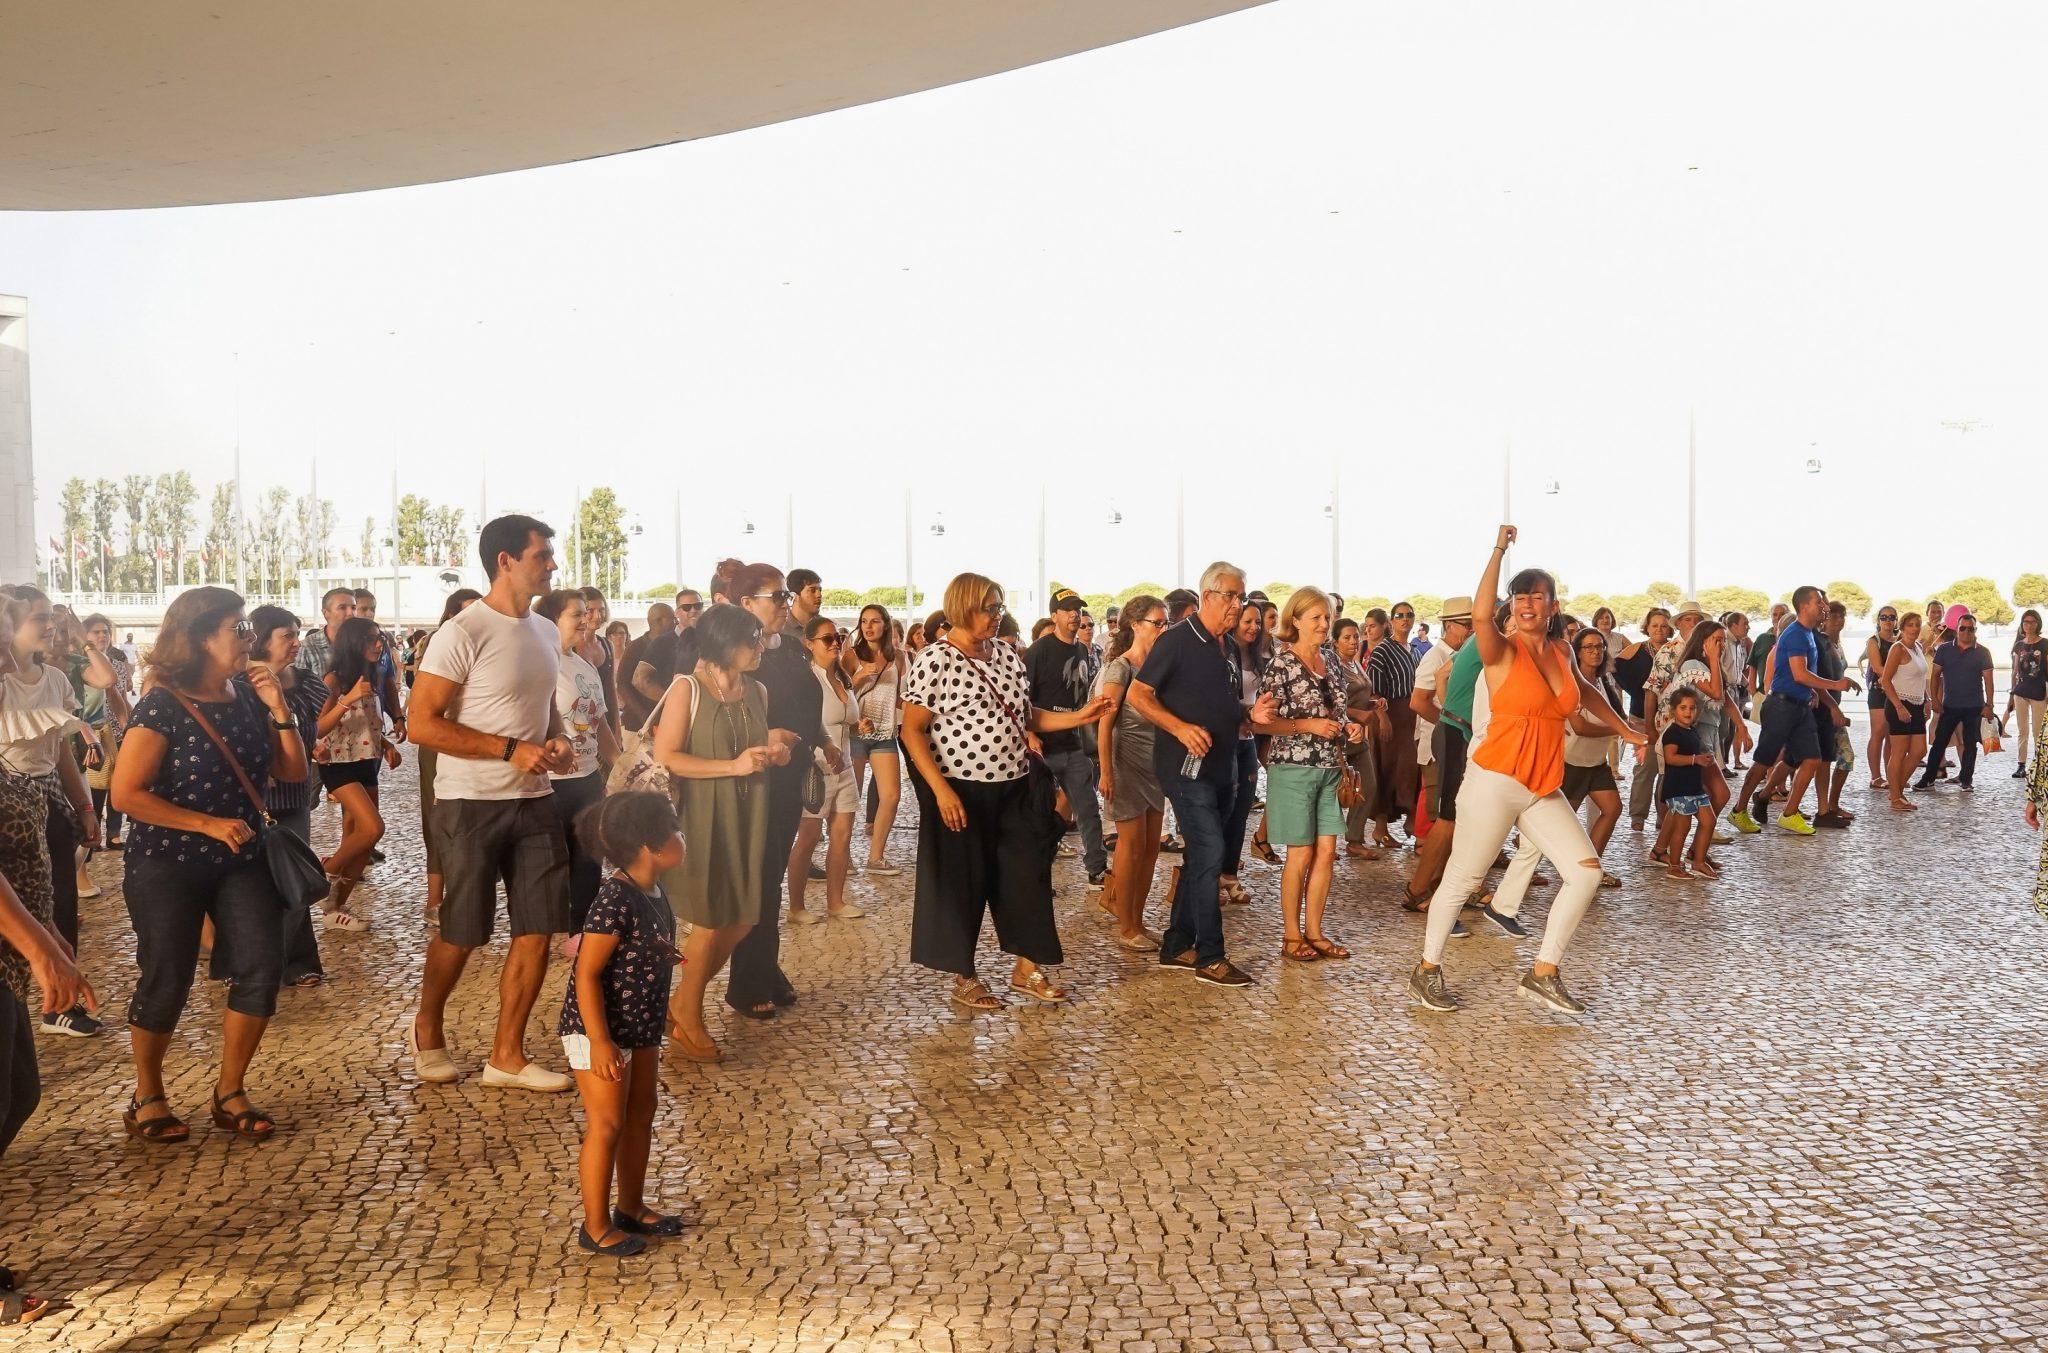 Pessoas a dançar, seguindo os passos de uma mulher, debaixo da pala do Pavilhão de Portugal no Parque das Nações